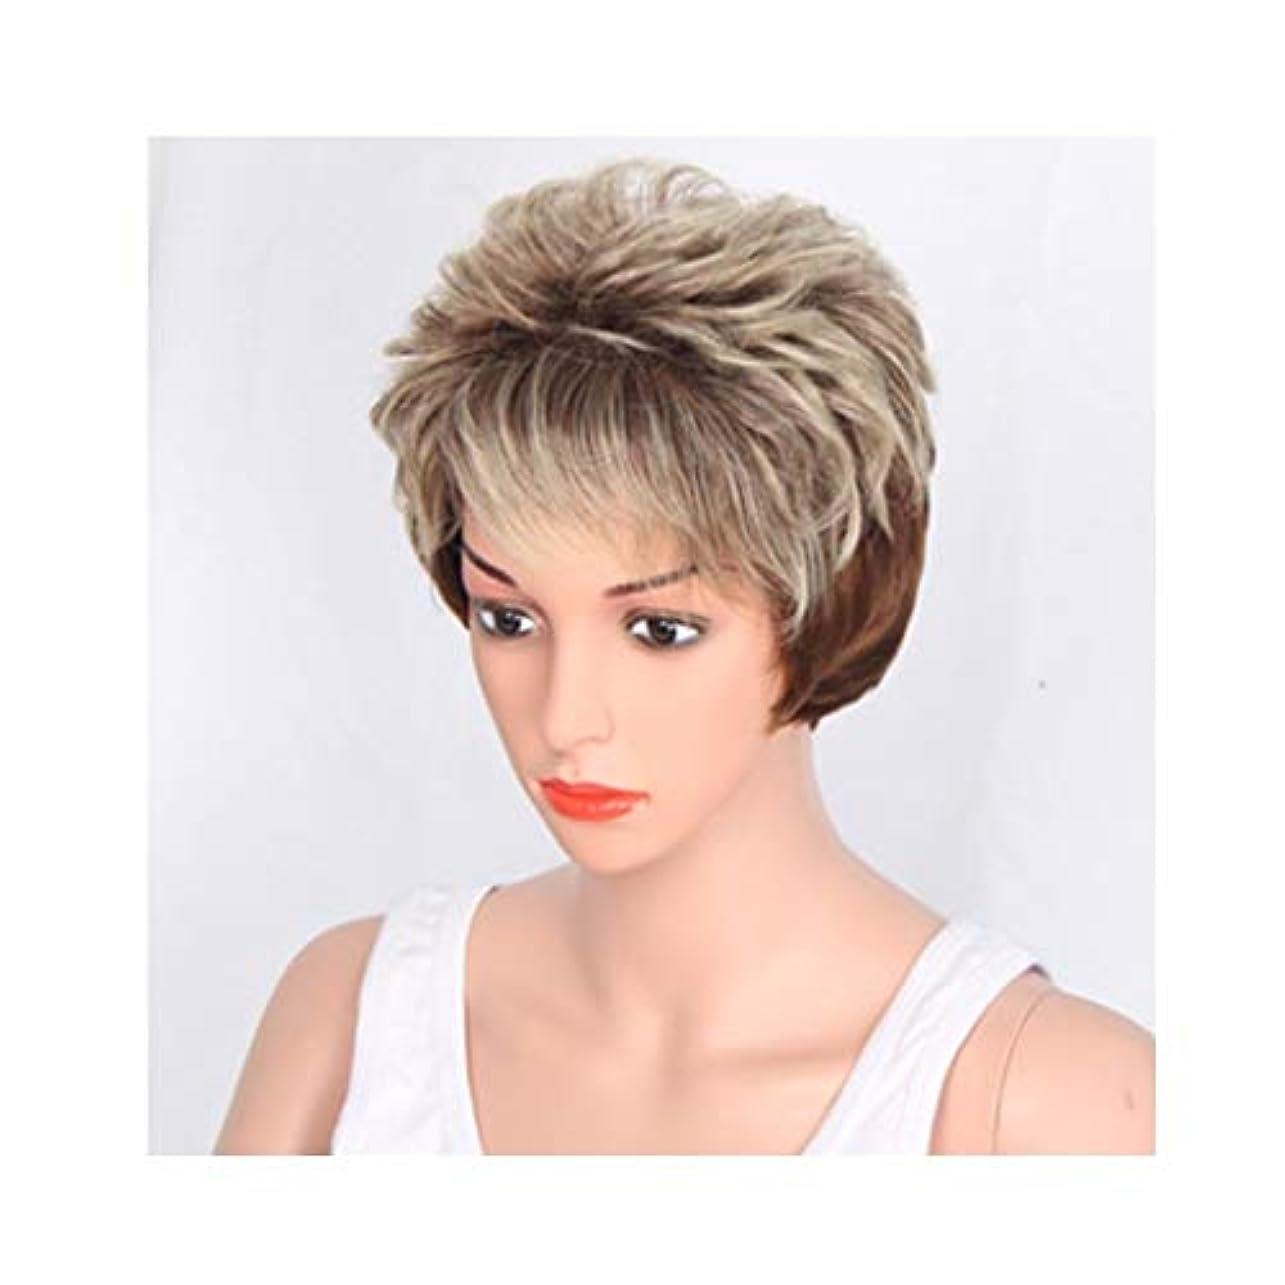 チェリーペイント適合しましたYOUQIU 高温シルクウィッグセットダブル色のふわふわショートヘアエア前髪ウィッグは前髪ウィッグ傾斜することができます (色 : Double color)